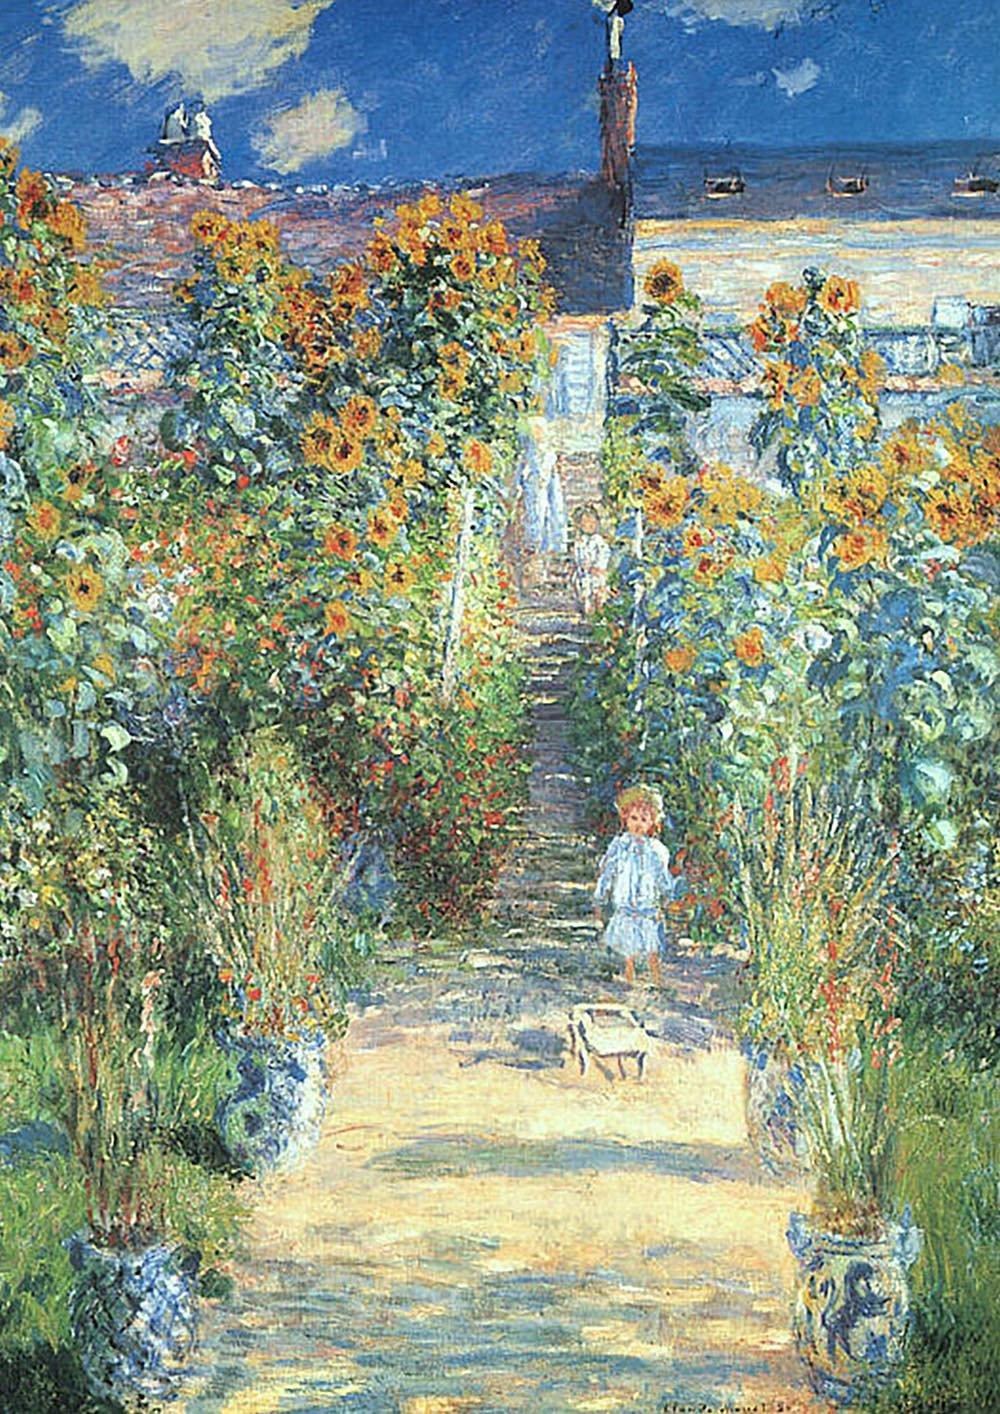 пейзаж < Сад Моне в Ветейе >:: Клод Моне, описание картины - Моне Клод (Claude Monet) фото